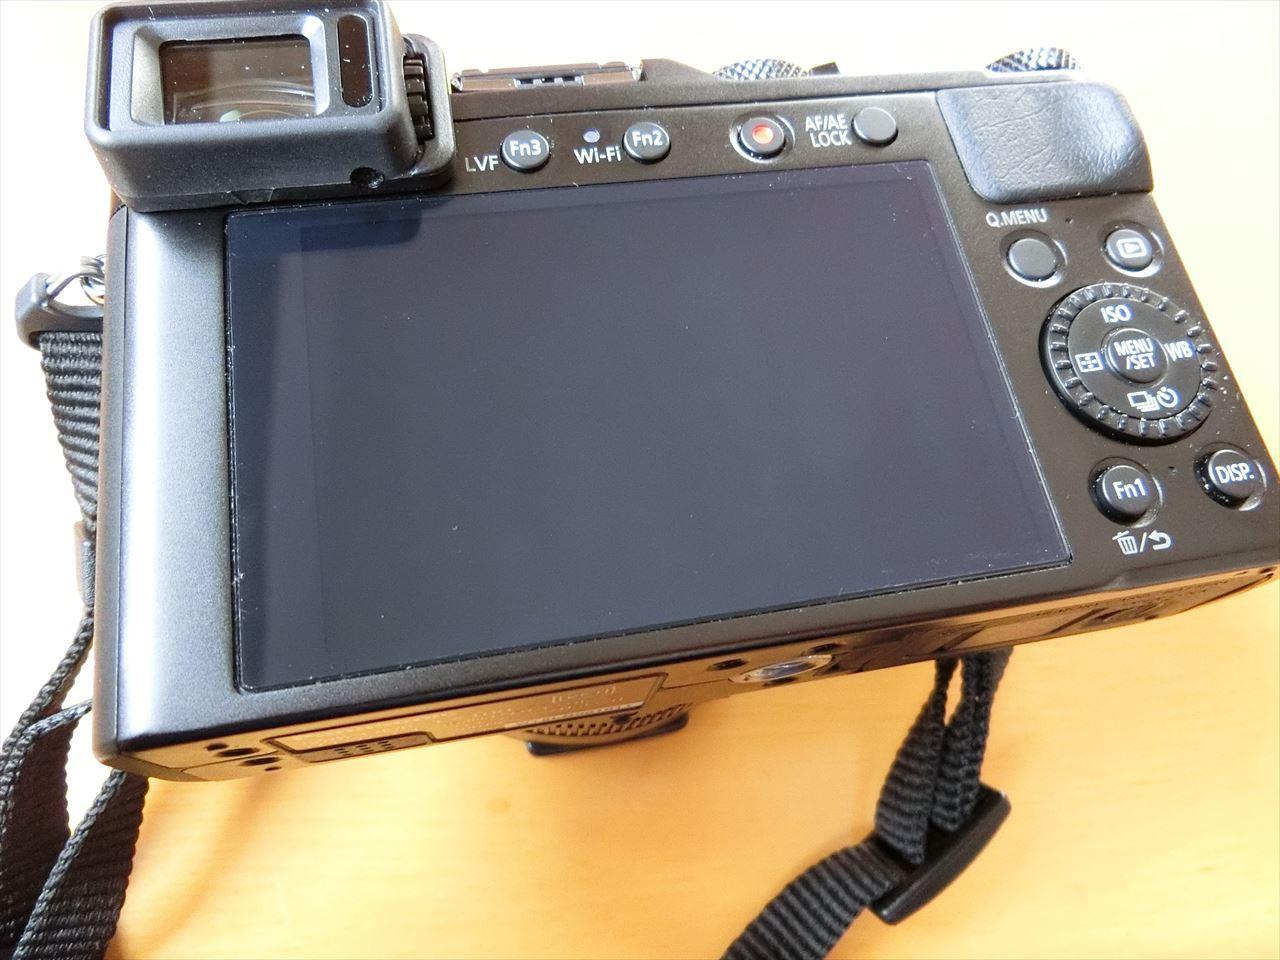 f0324009_20095862.jpg